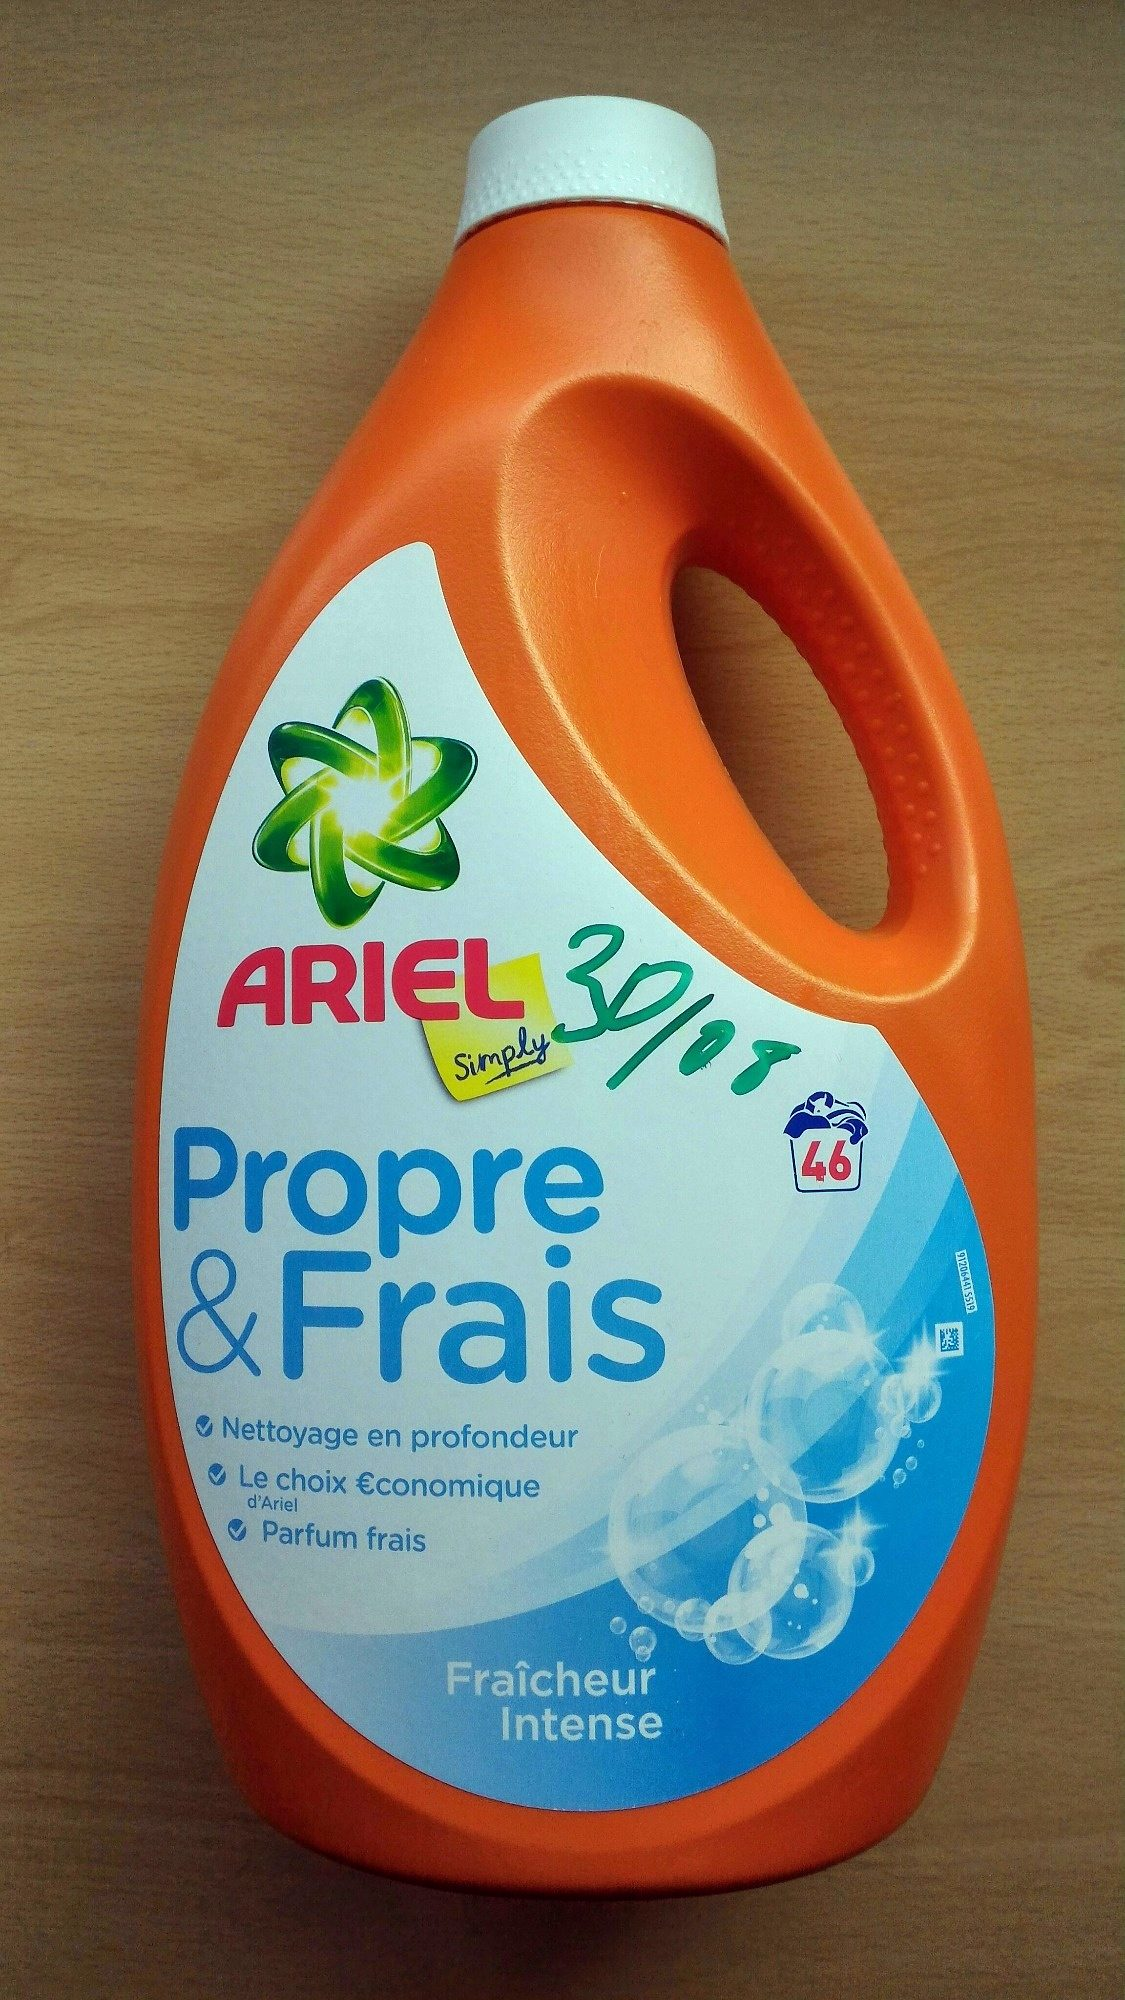 Simply Propre & Frais Fraîcheur Intense - Product - fr